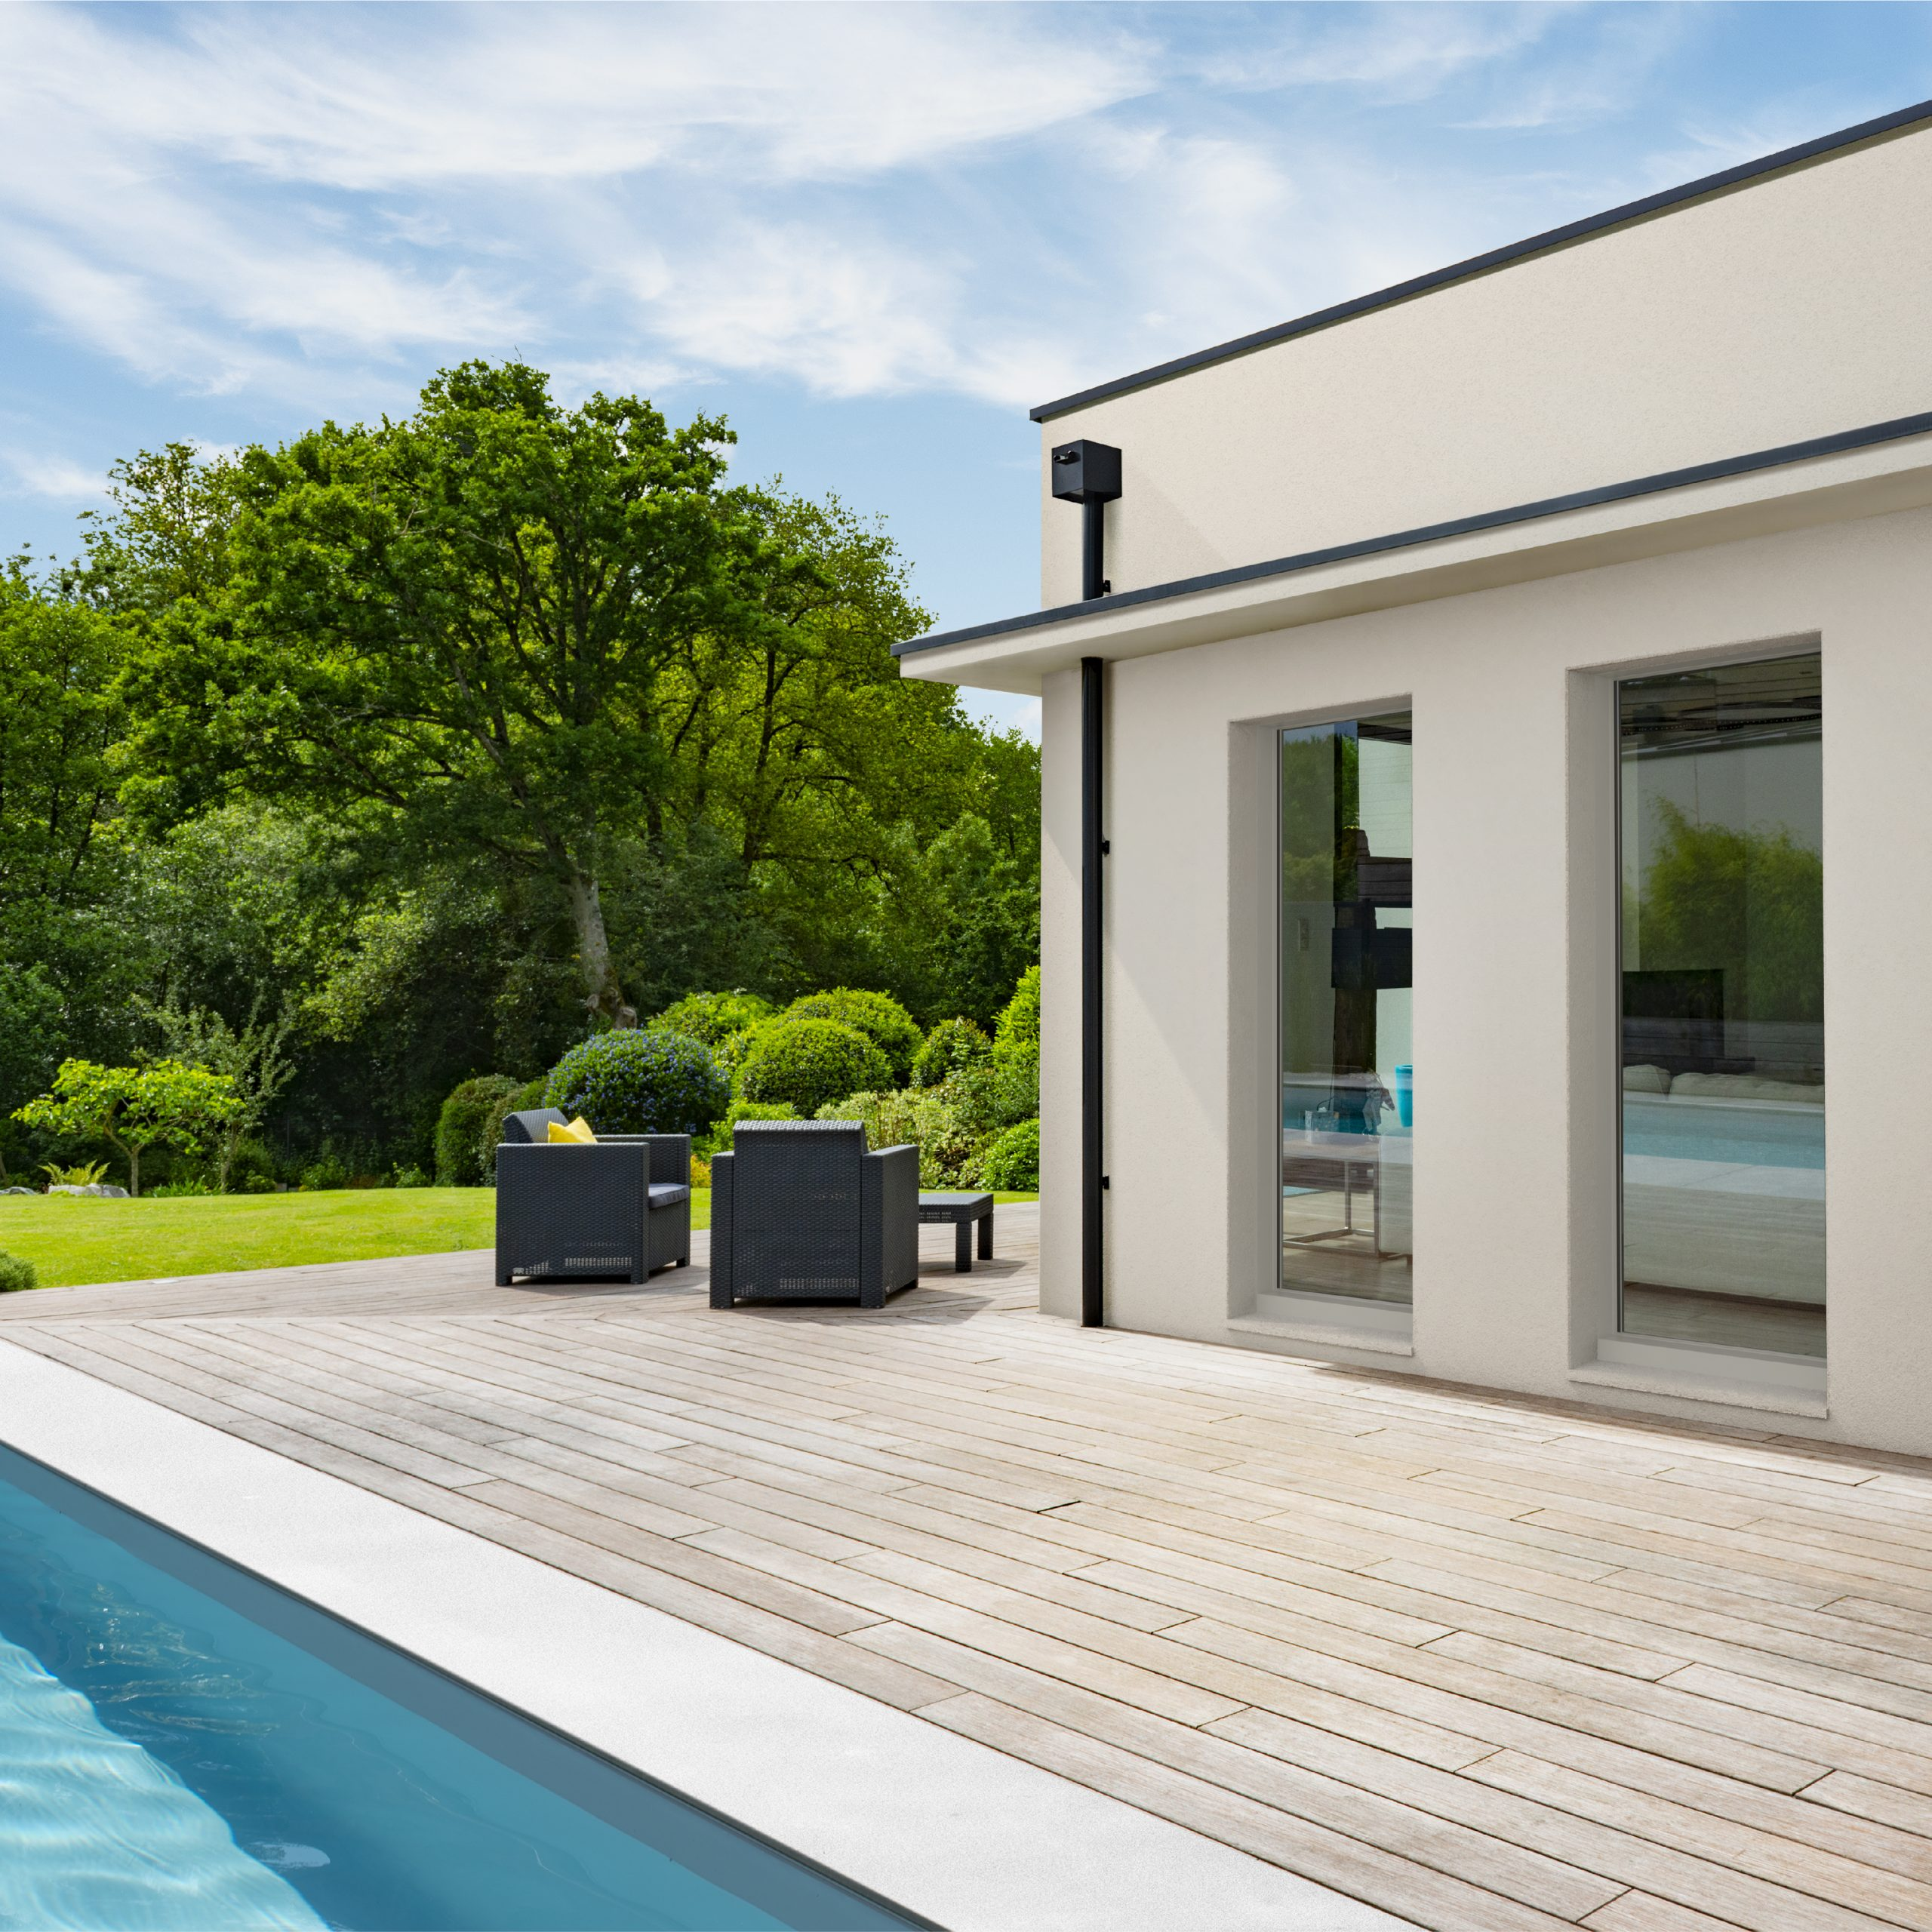 Maison avec terrasses et baies vitrées